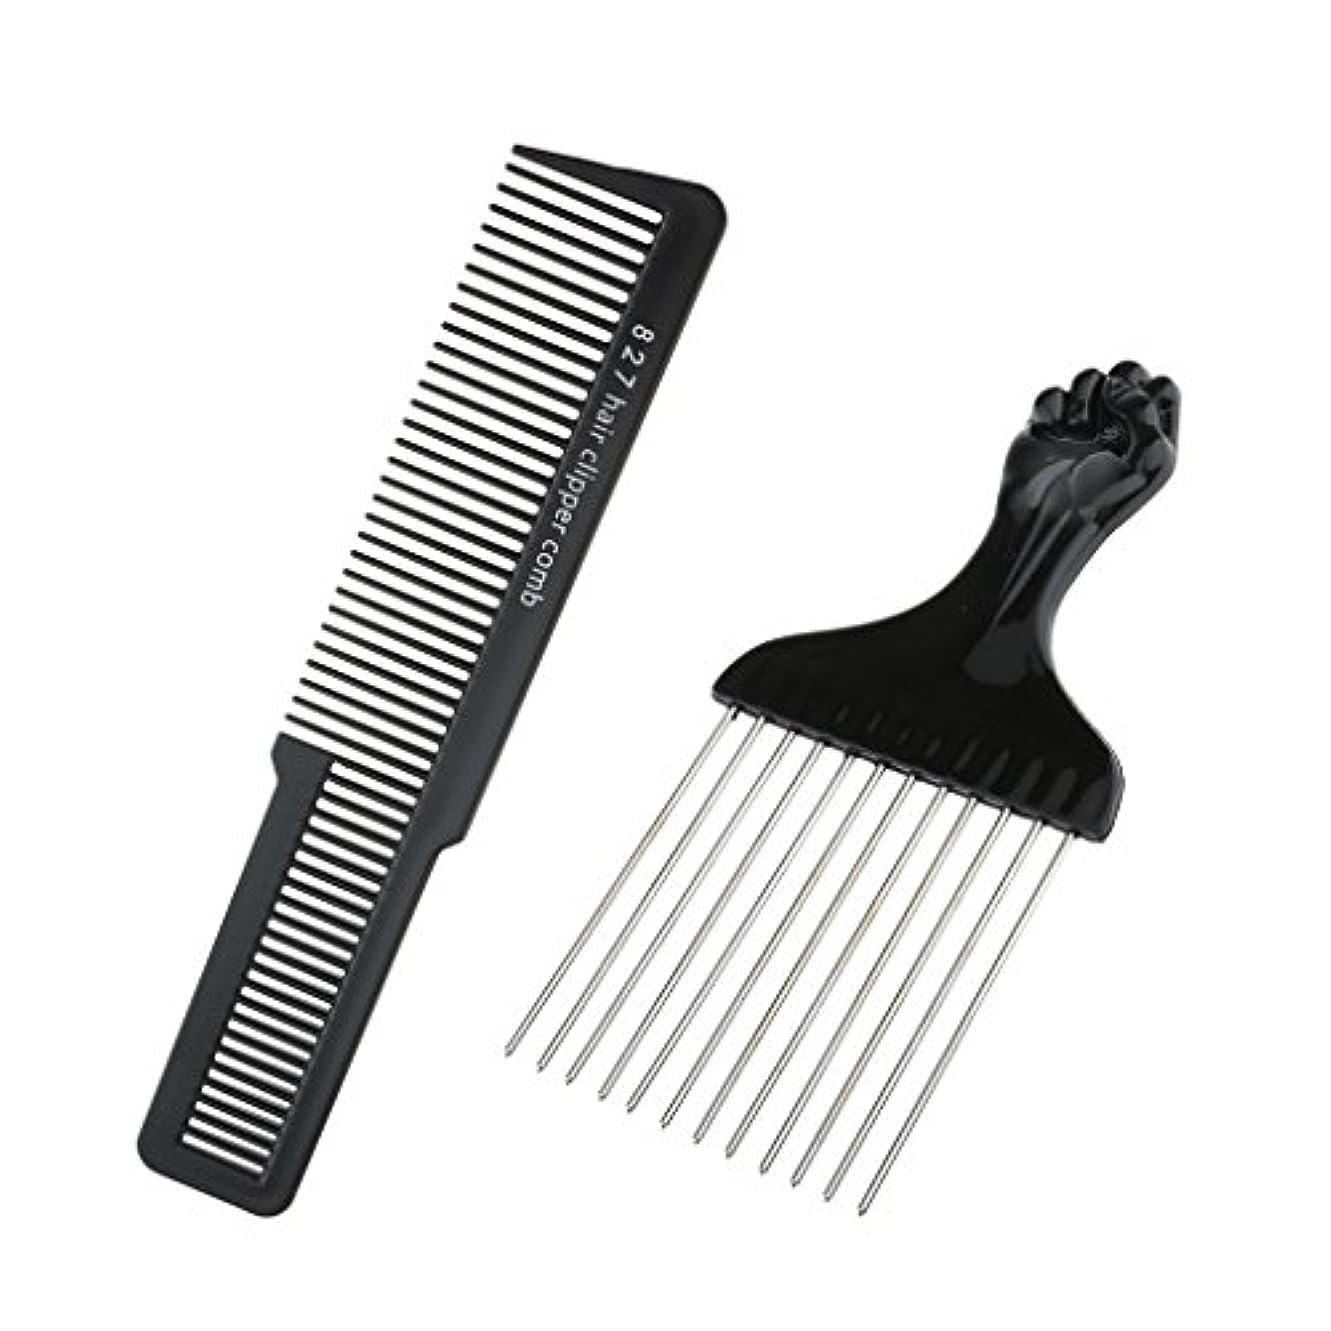 許される発行メロディーアフロヘアピック ブラシ+サロン美容クリッパー櫛 ステンレス鋼